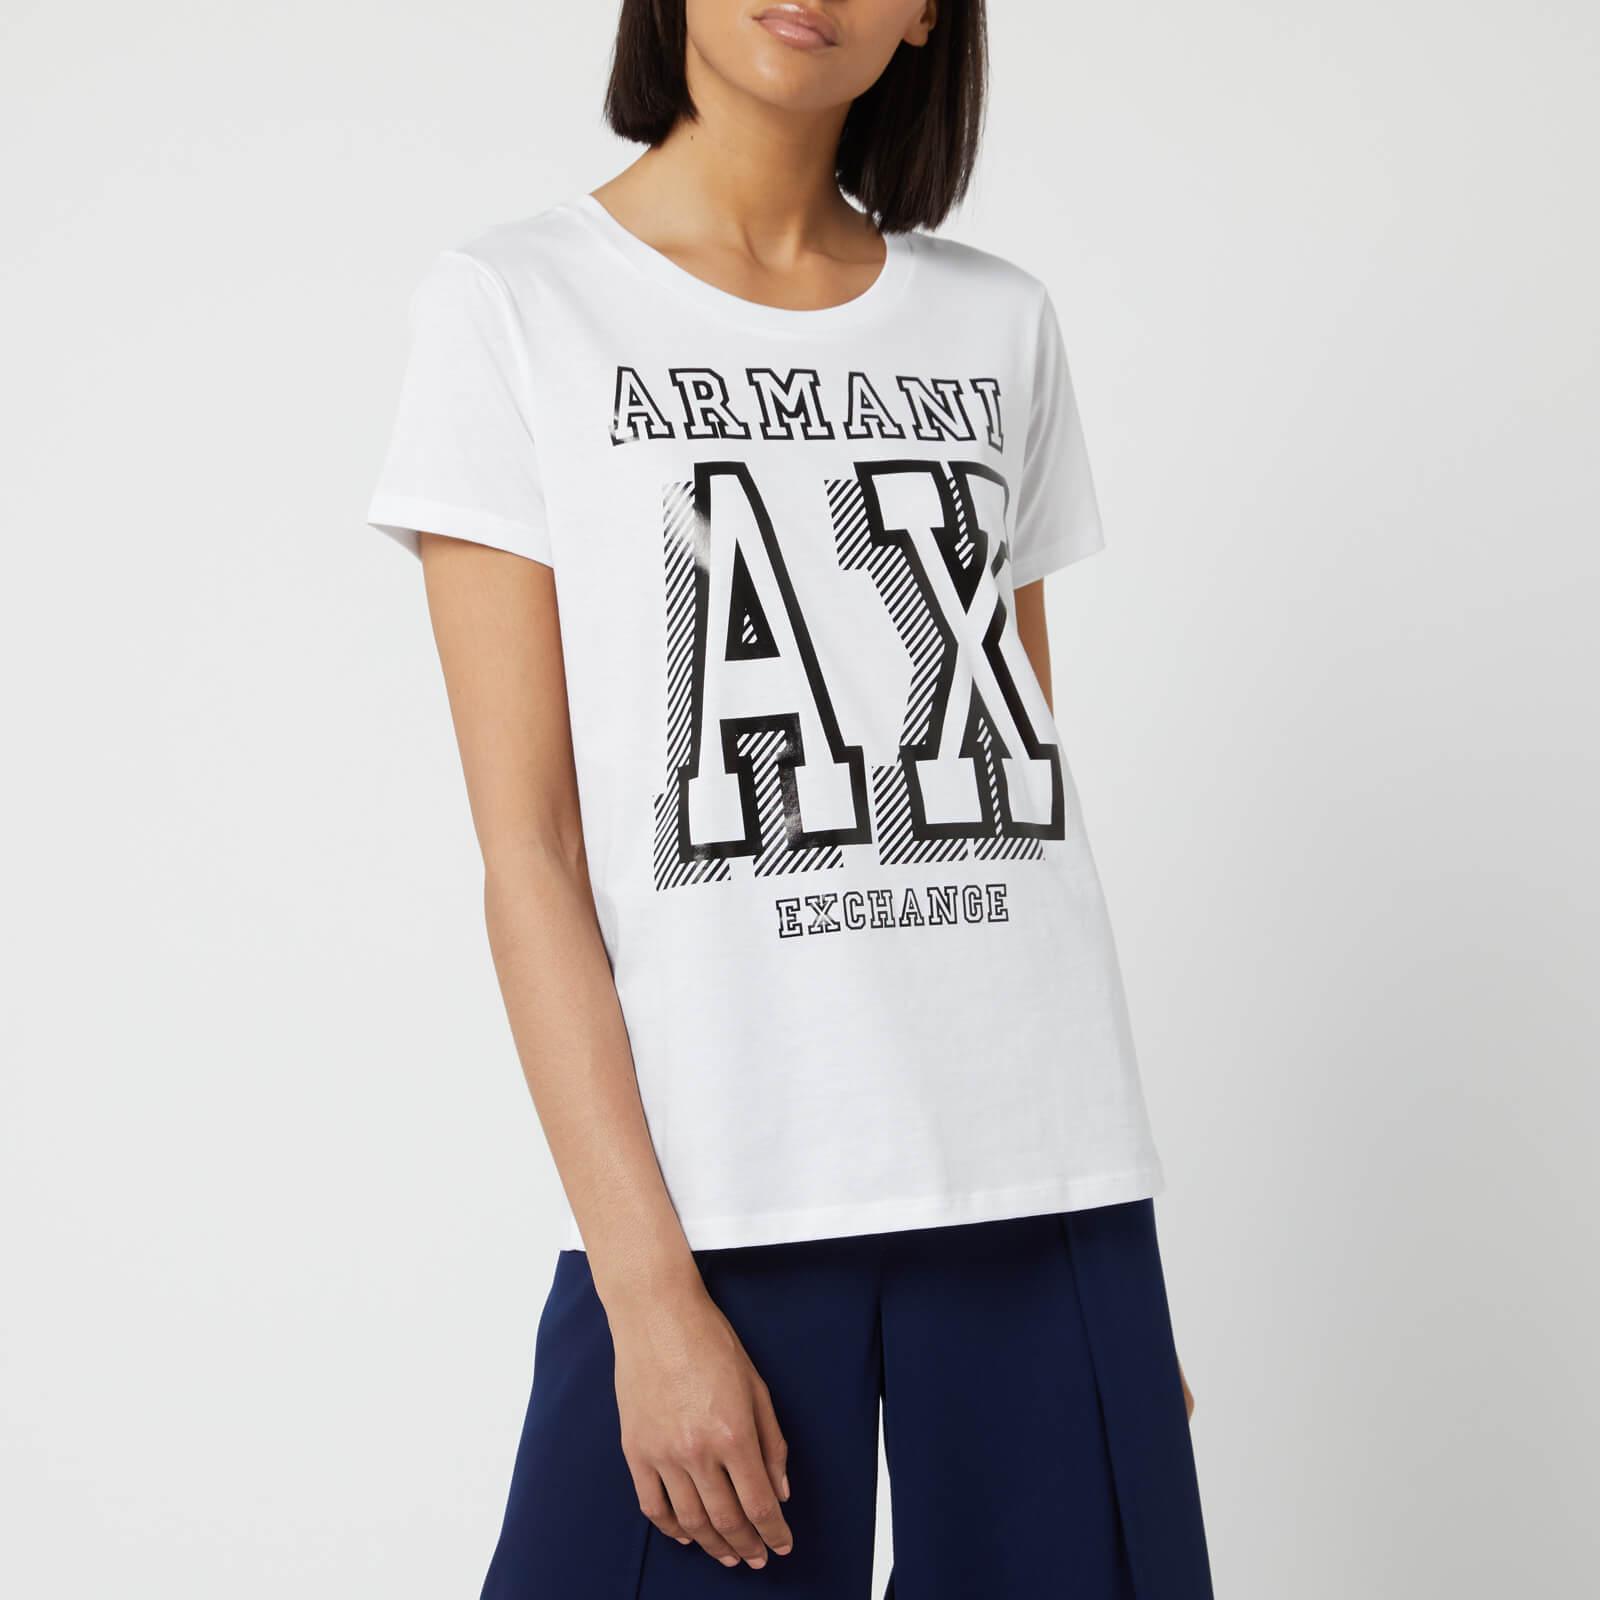 18993ec02a Armani Exchange Women's Logo T-Shirt - White - L - White